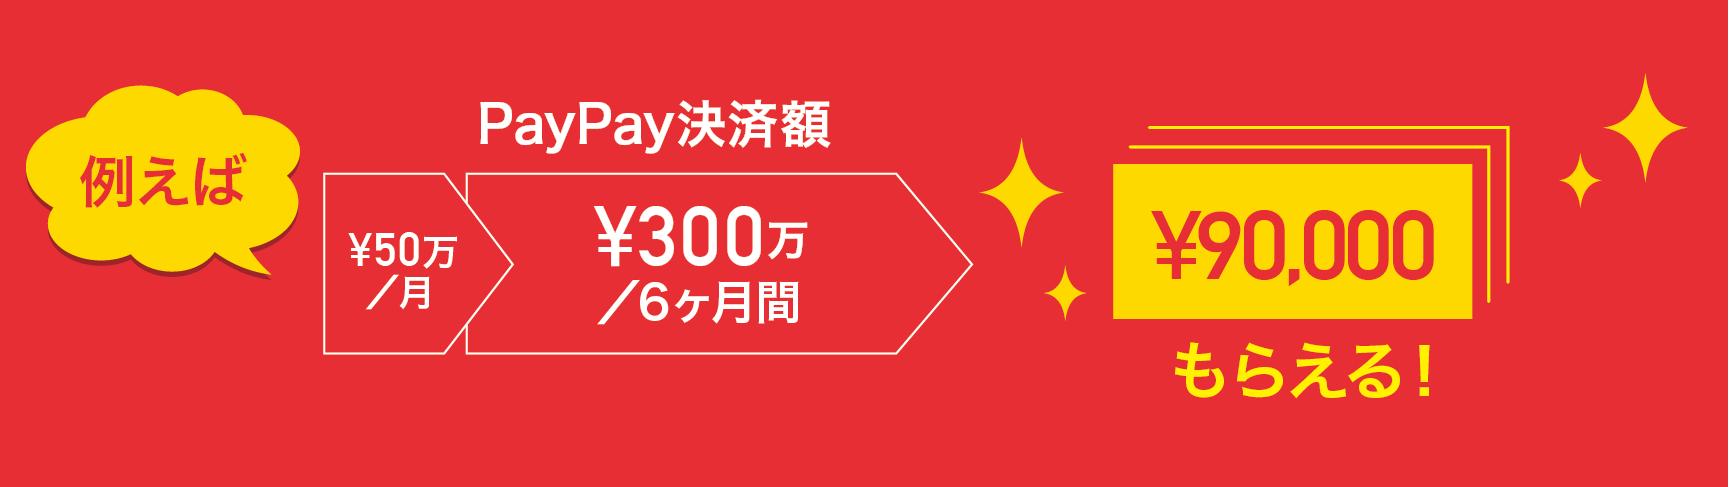 2,000円キャンペーンは9月30日まで